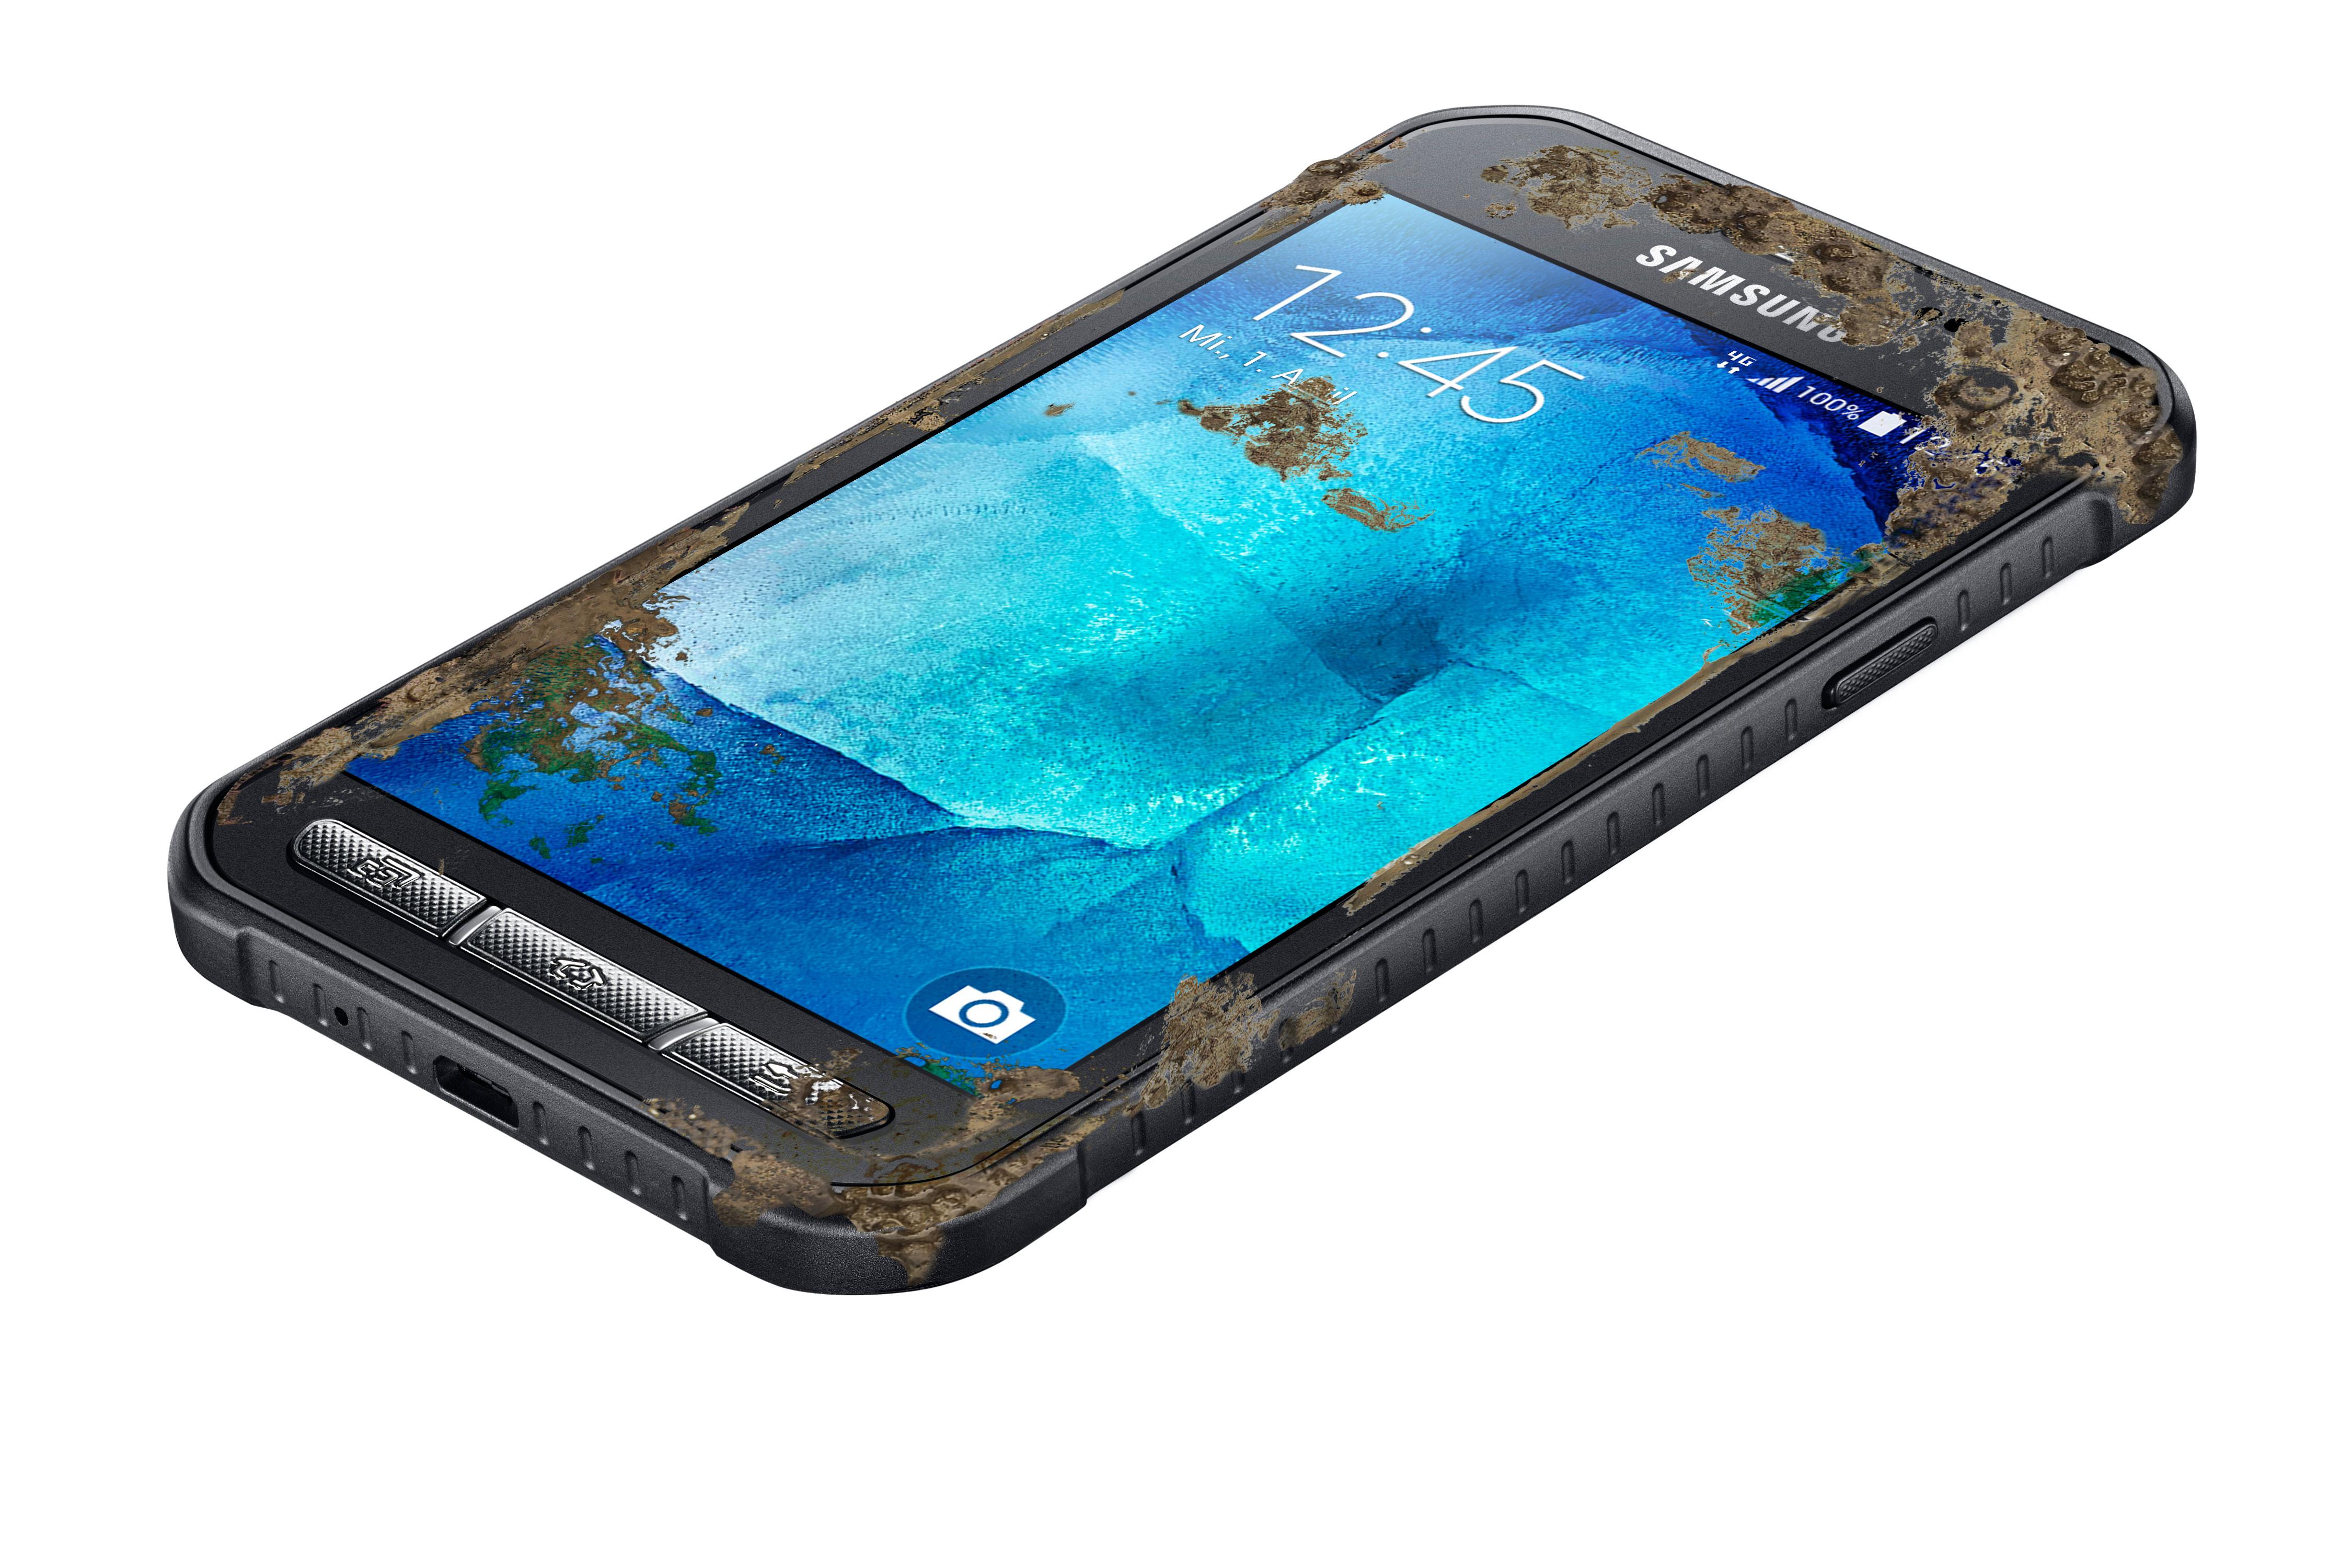 Análisis de los mejores teléfonos móviles todoterreno, resistentes a caídas, golpes y agua